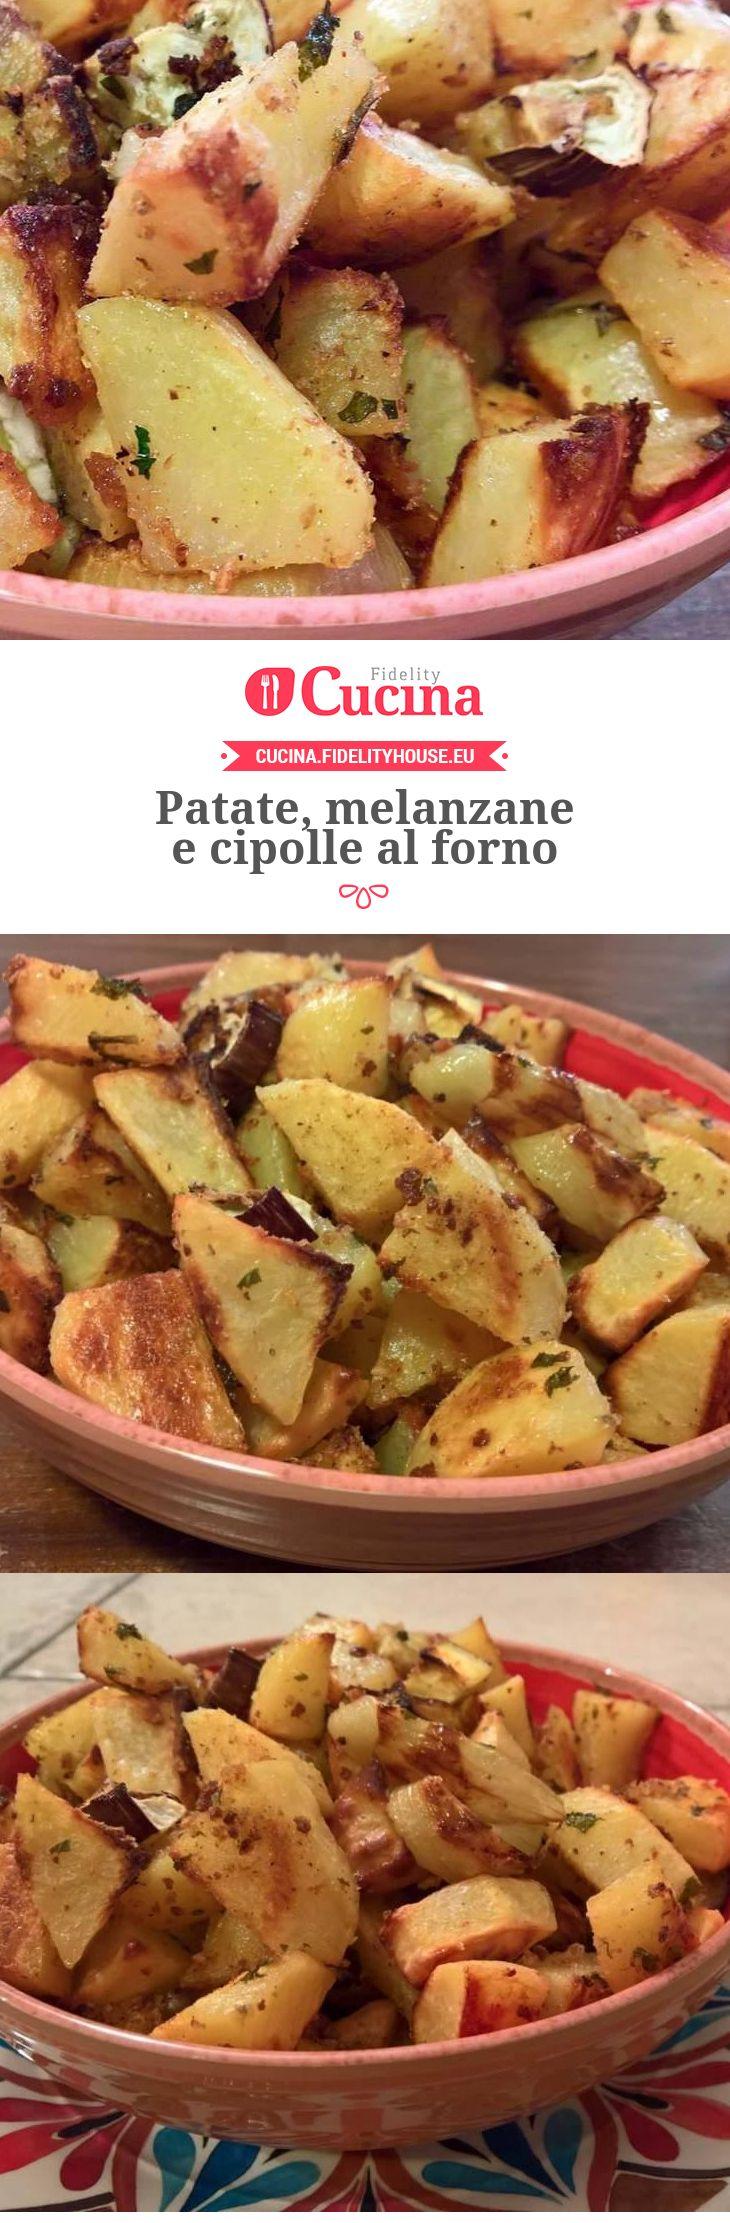 Patate, melanzane e cipolle al forno